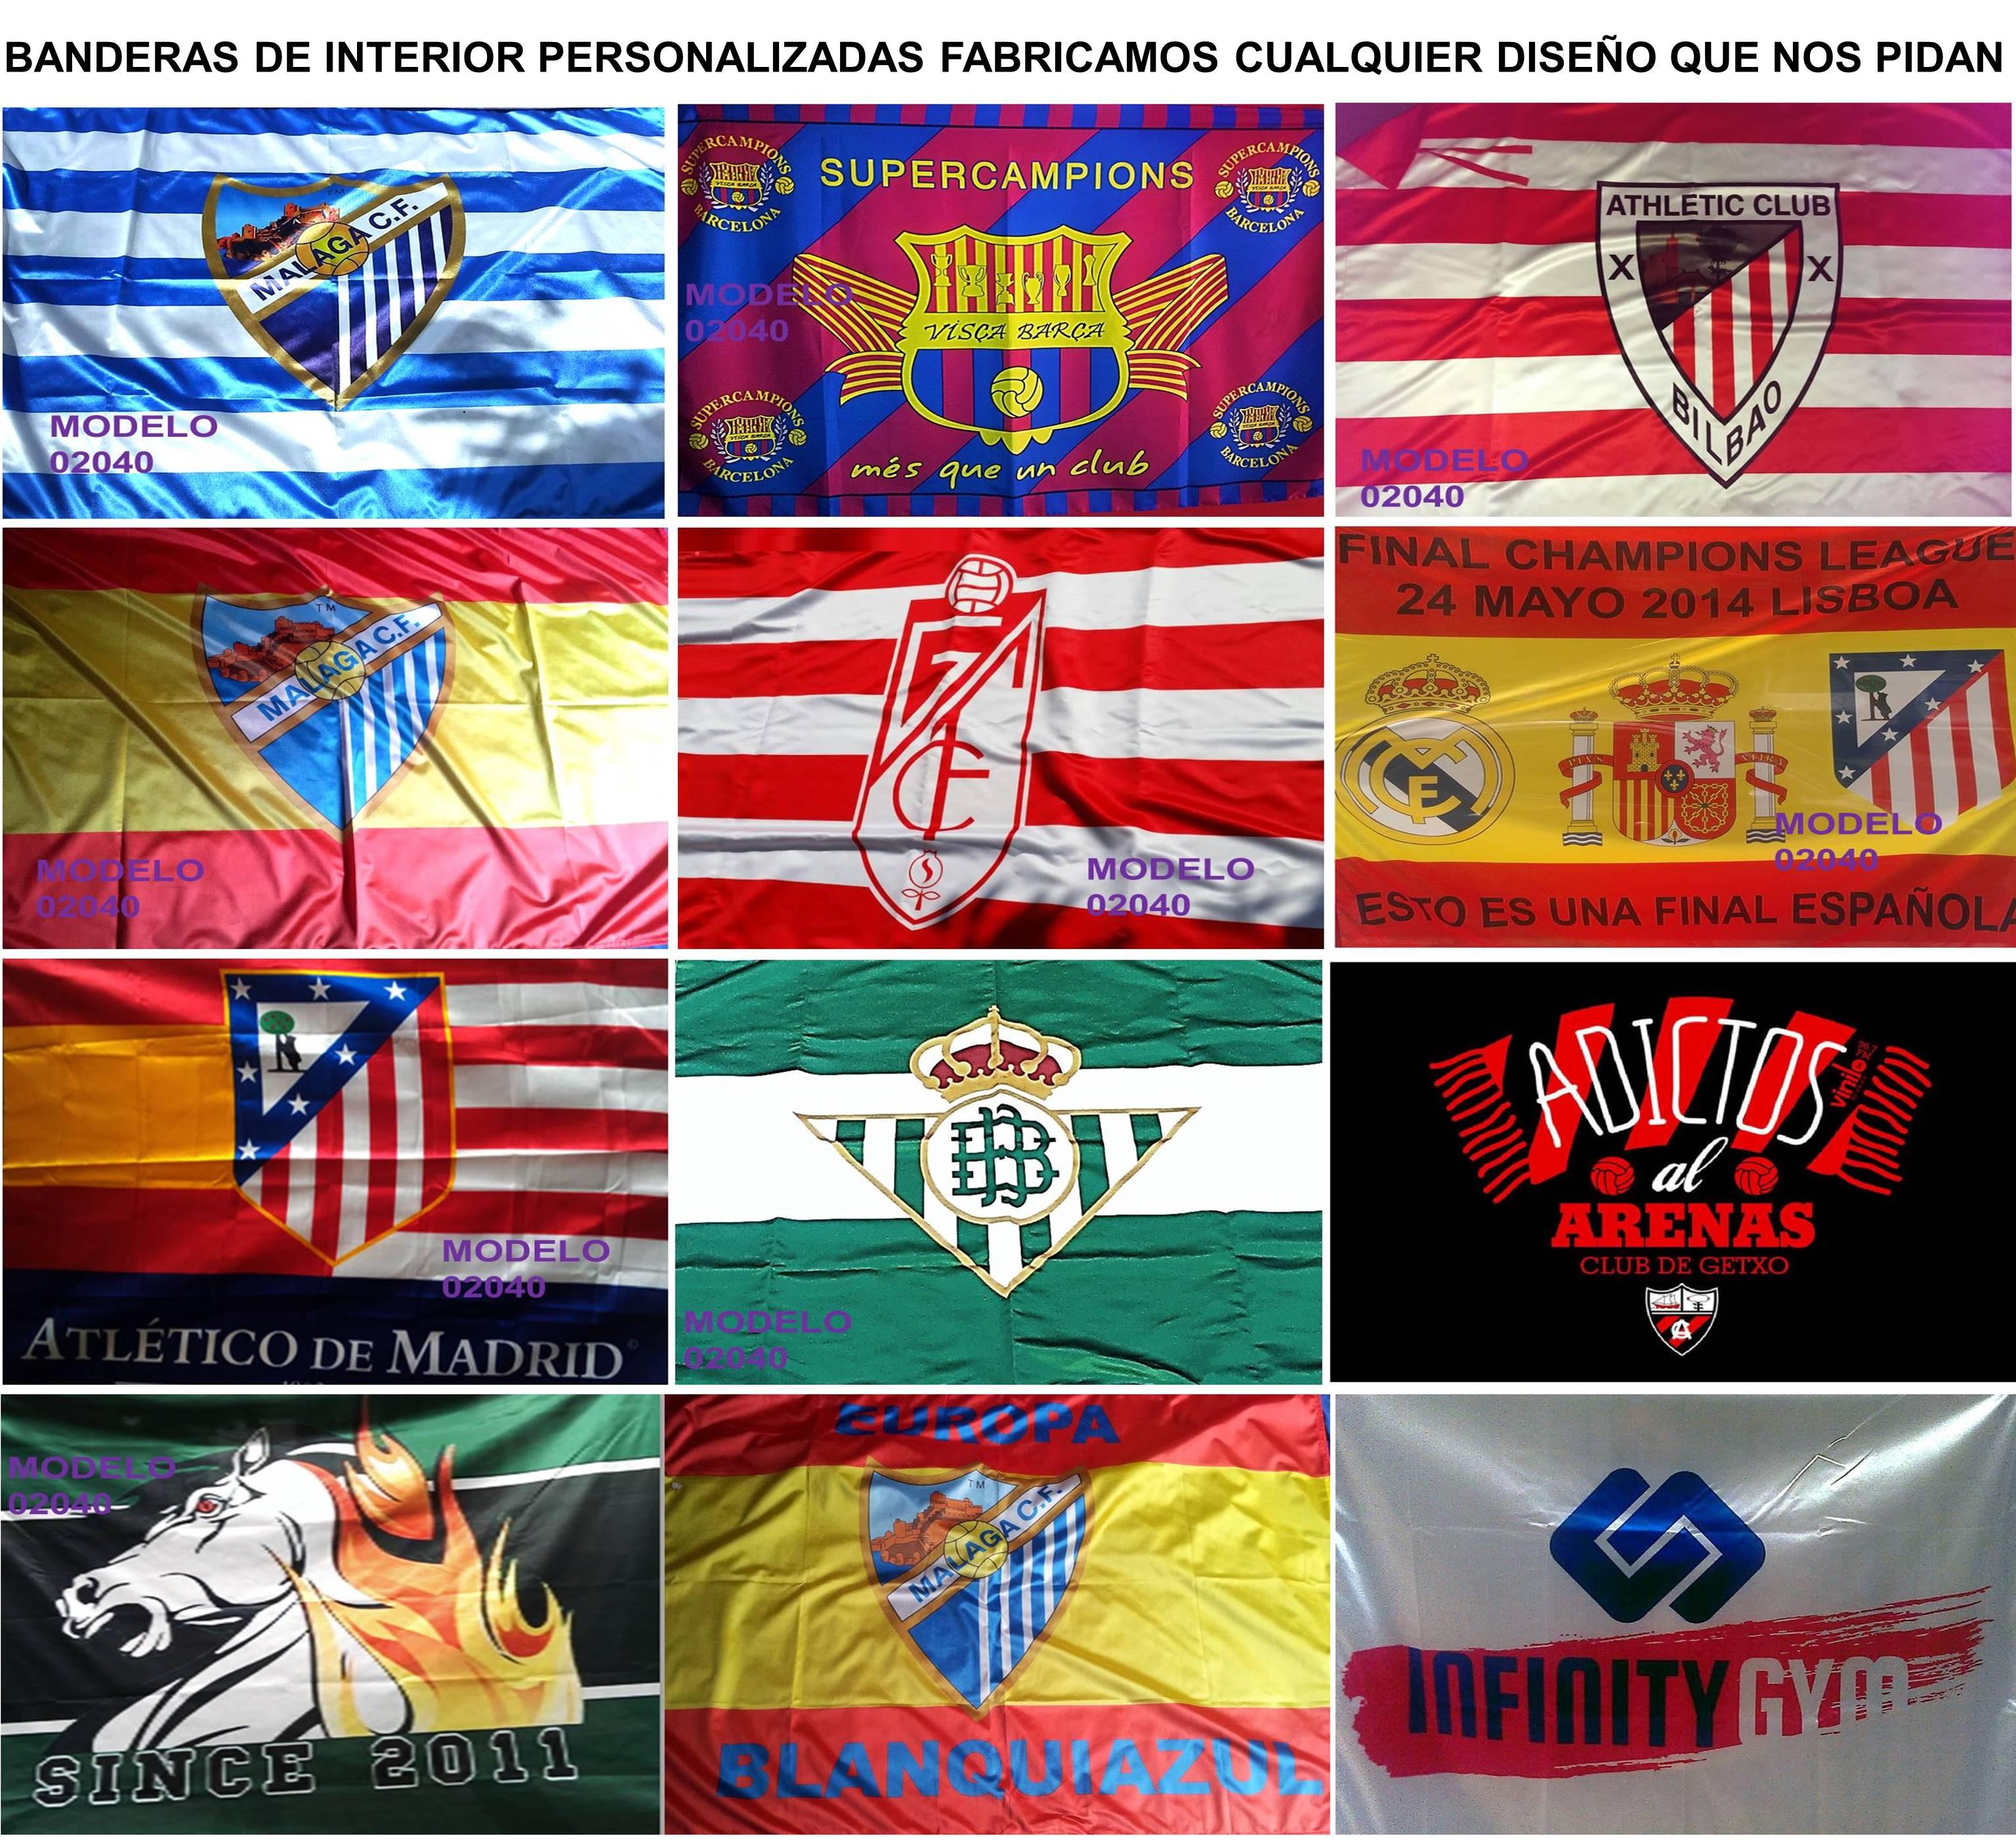 Fabrica de Banderas de interior personalizadas